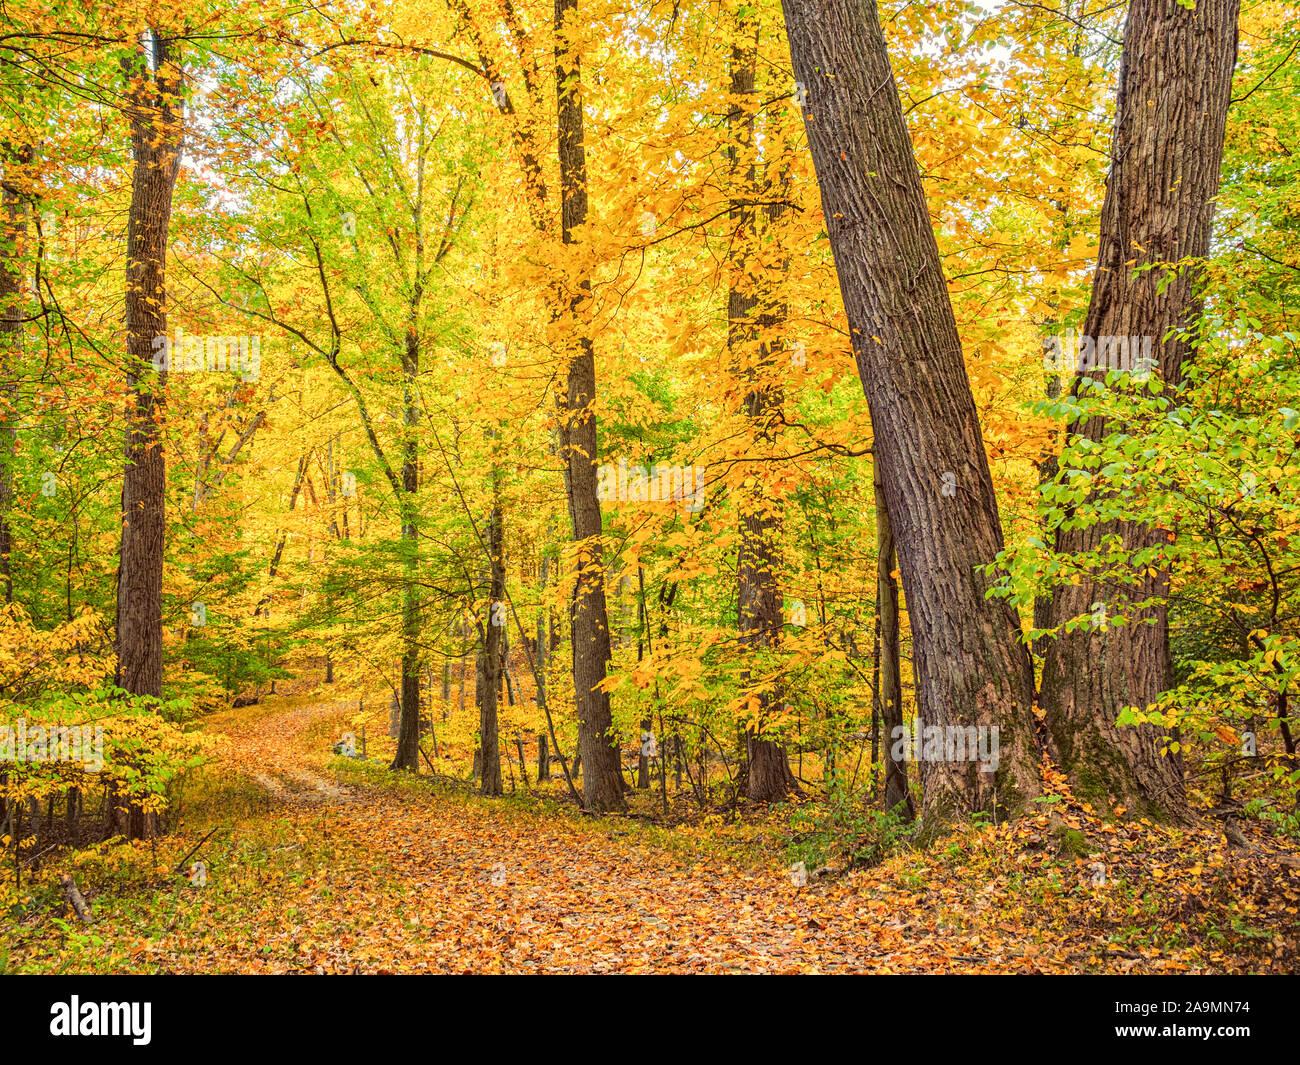 Costa este color en el otoño. Oro Amarillo otoño alfombra deja un sendero de trekking en el condado de Westchester, Nueva York State Park Rockefeller preservar, Pleasanville Foto de stock